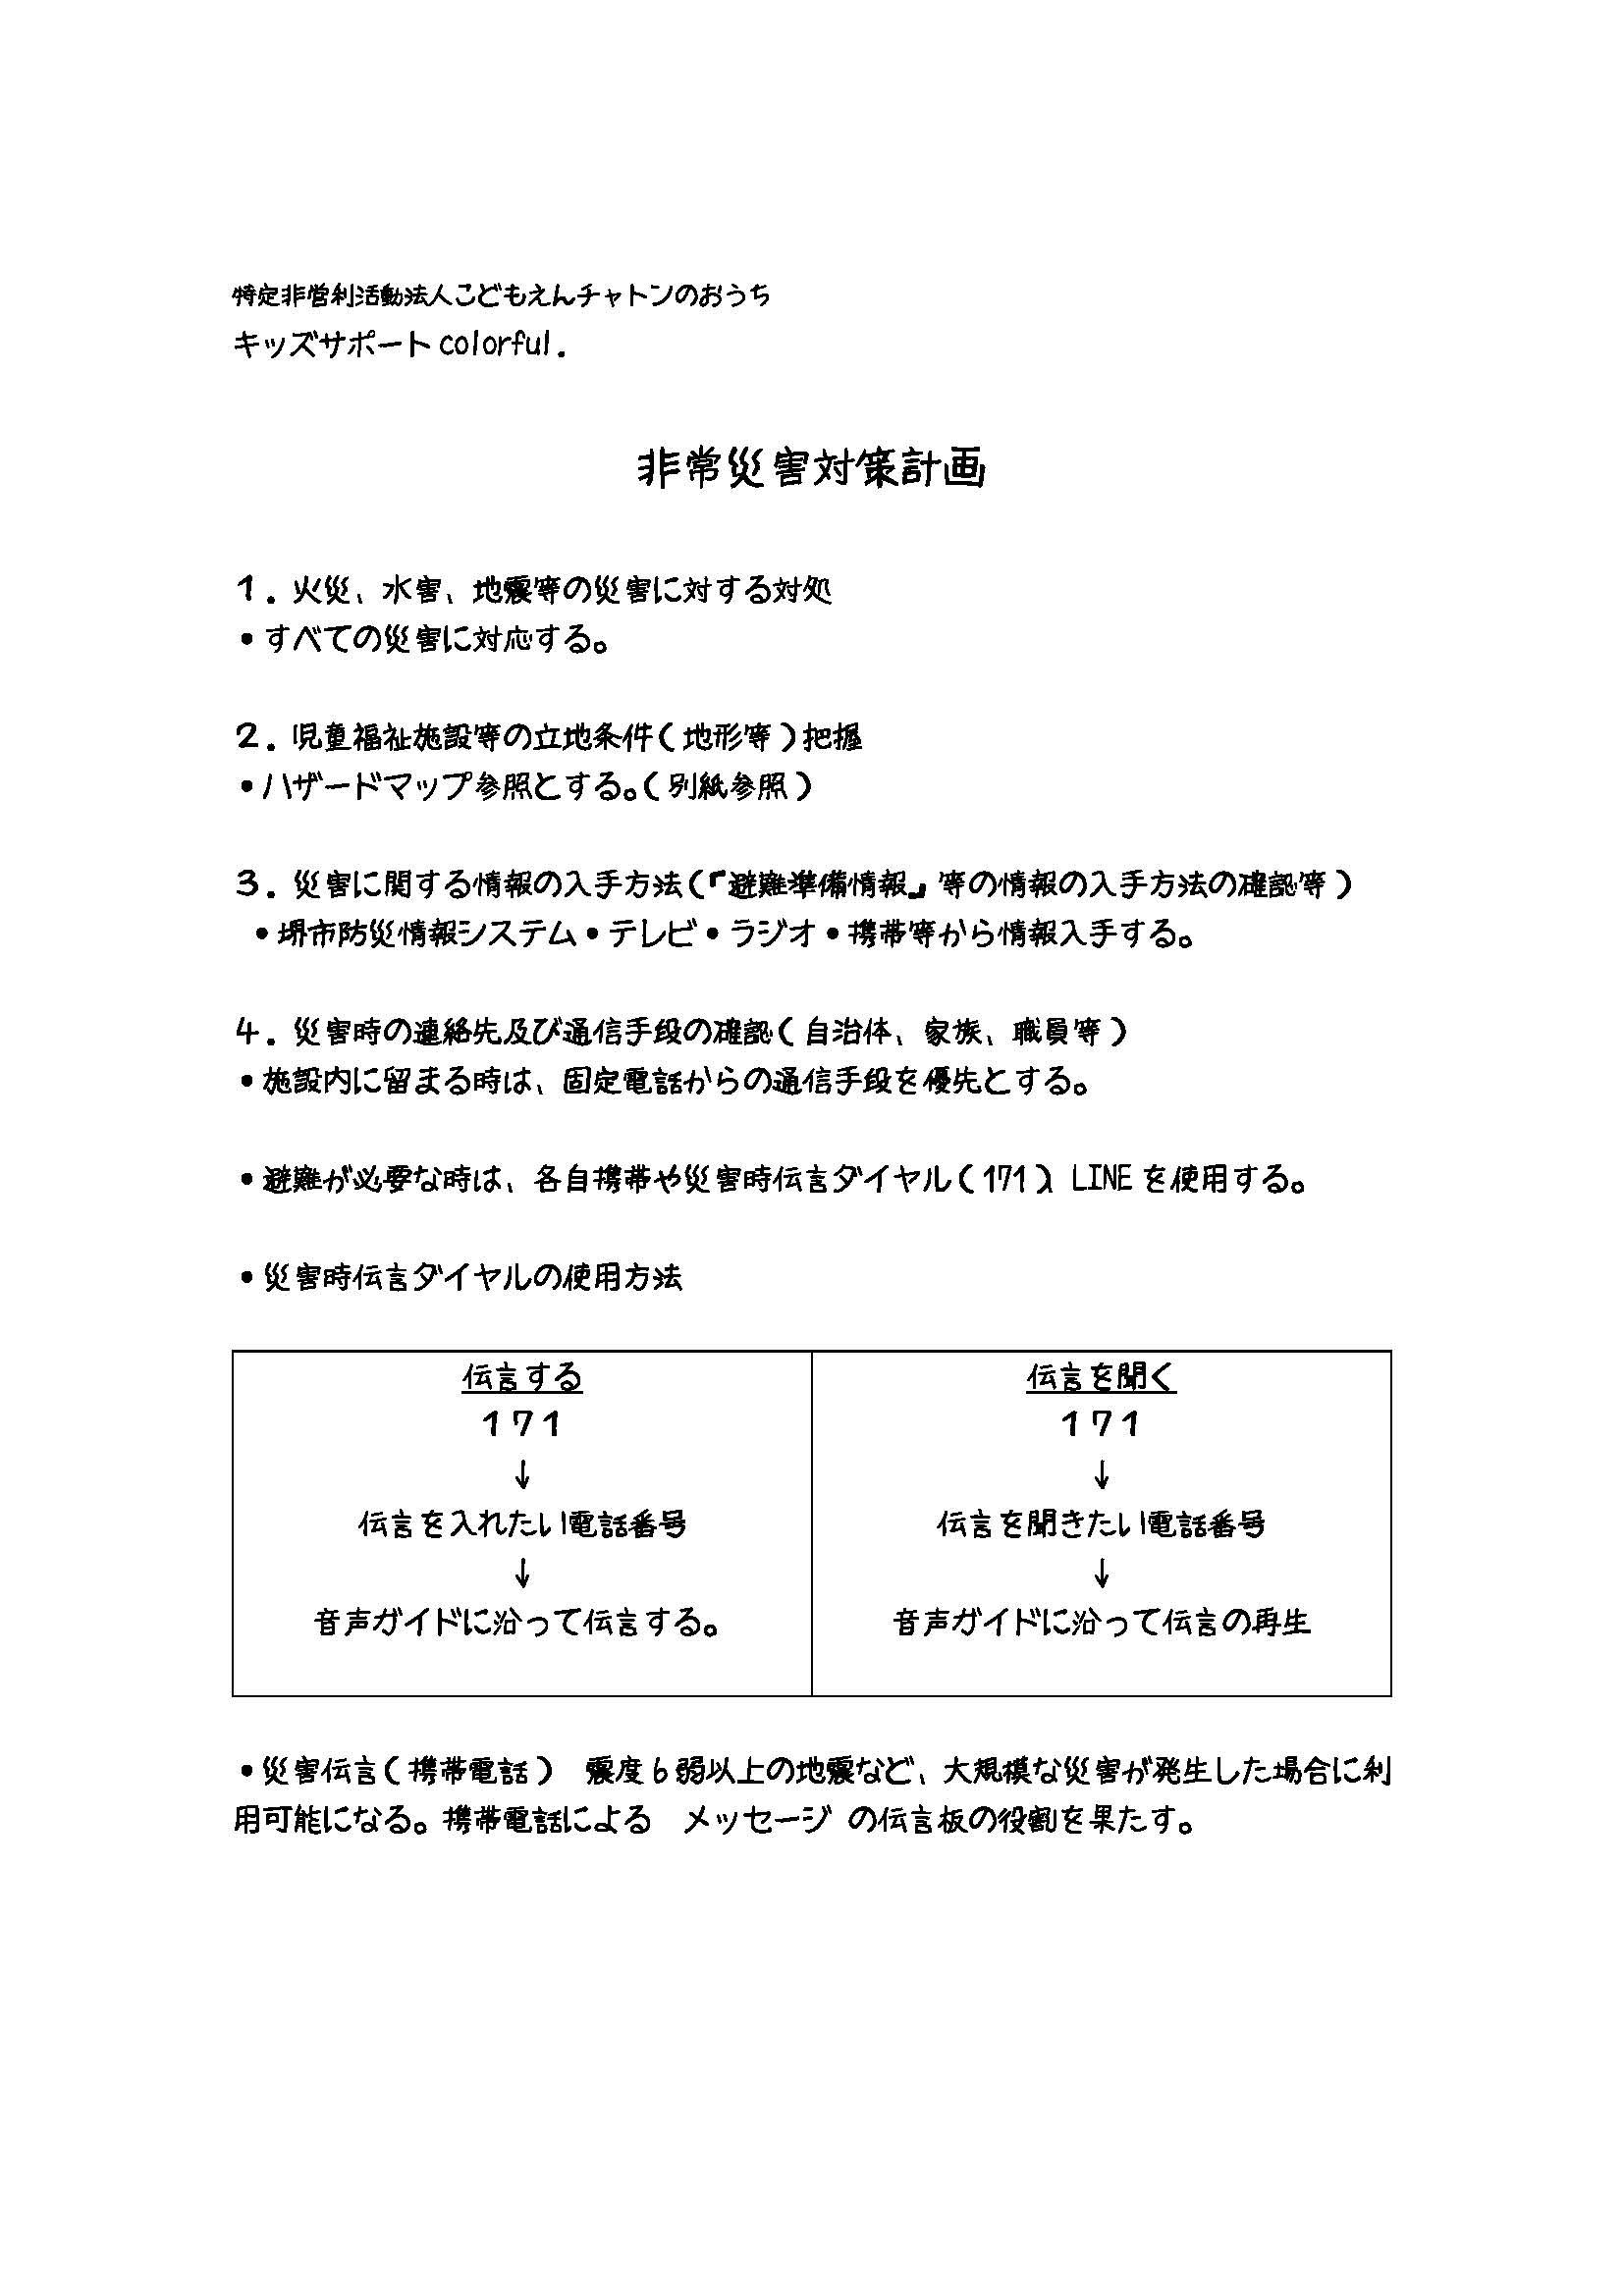 非常災害対策計画(キッズサポートcolorful.)